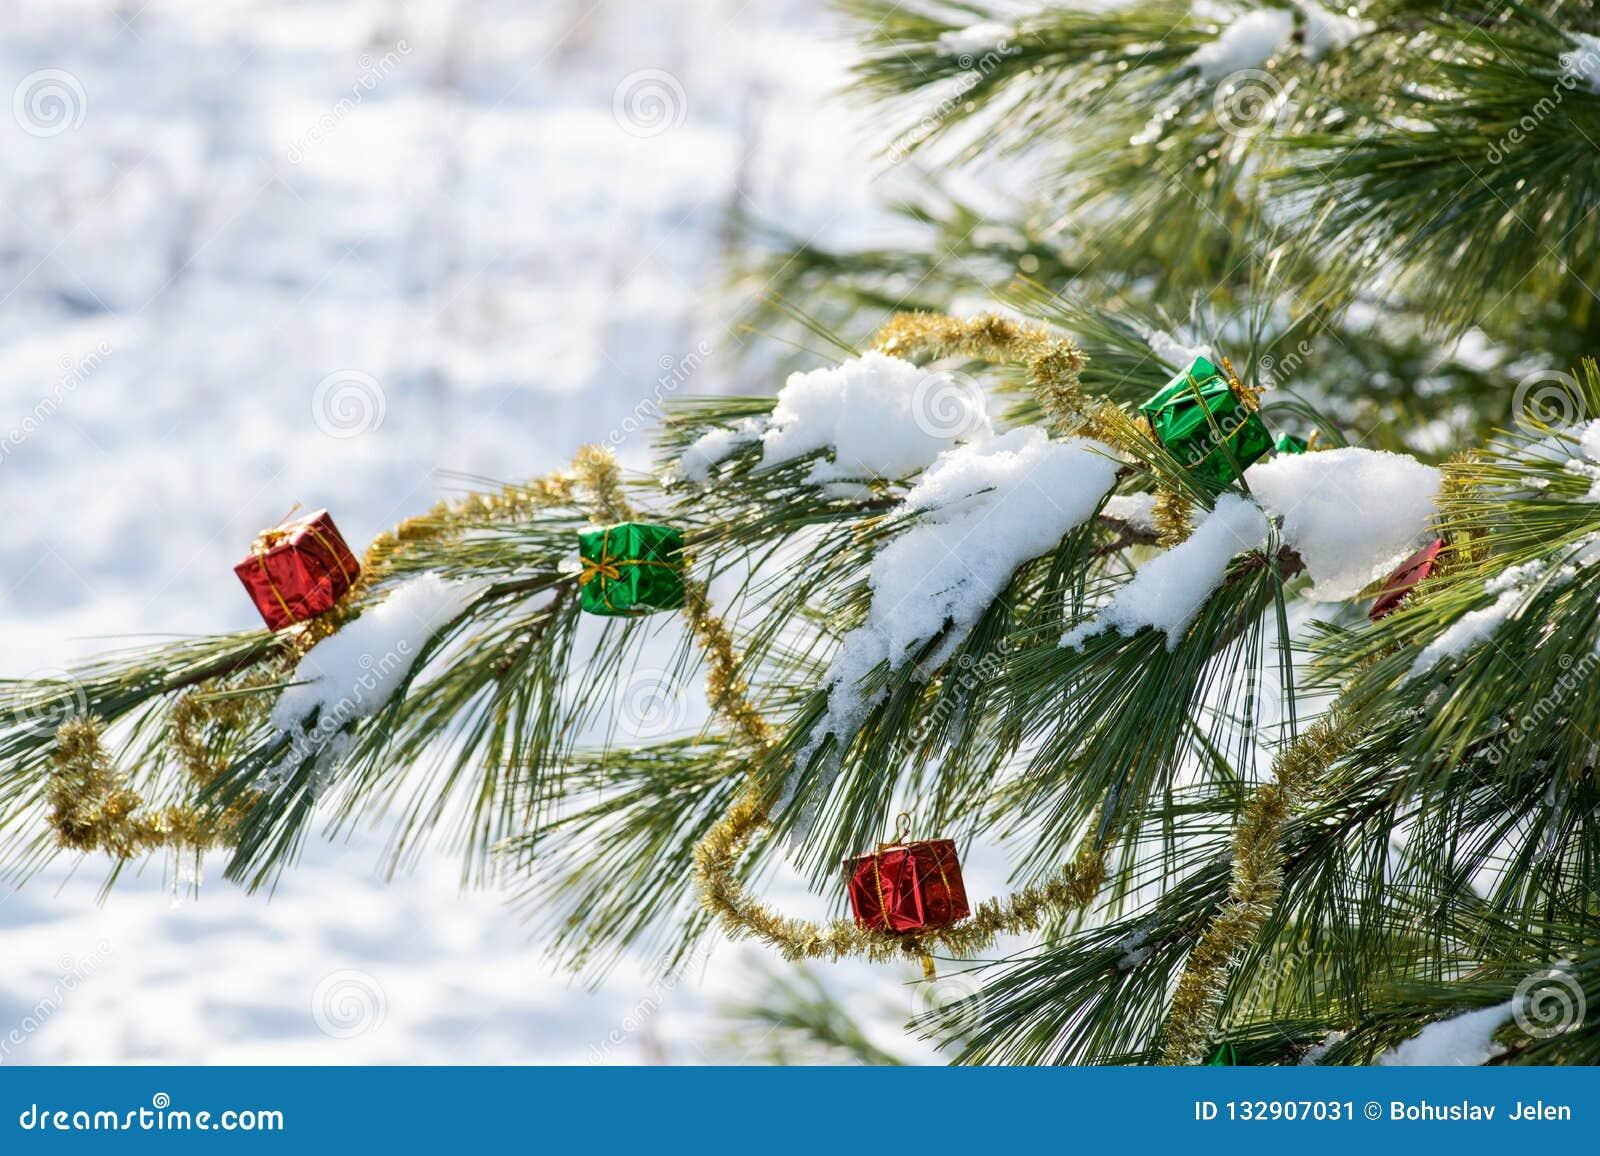 Zima wakacje dekoracji pojęcie: Bożenarodzeniowy prezenta wystrój, świecidełko girlanda i zamarznięty śnieg zakrywająca sosna, ka